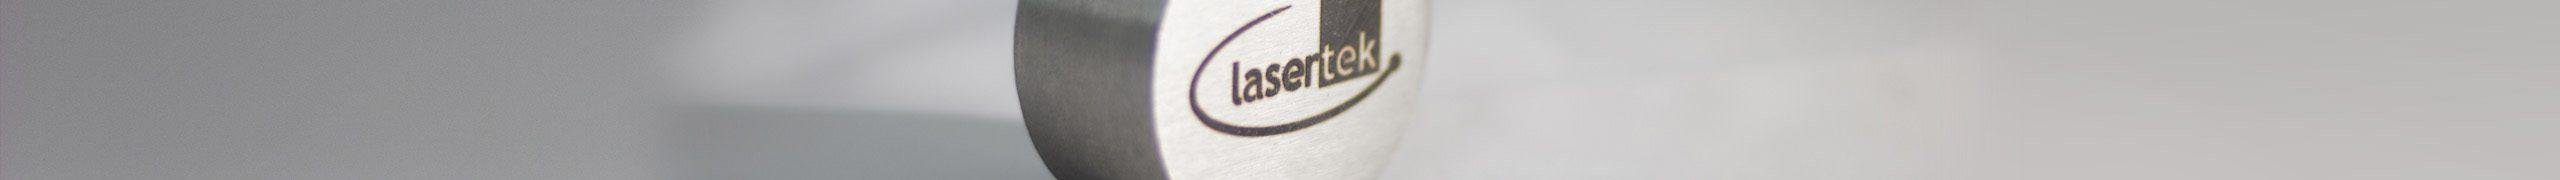 Servicios de grabado laser de metales Lasertek